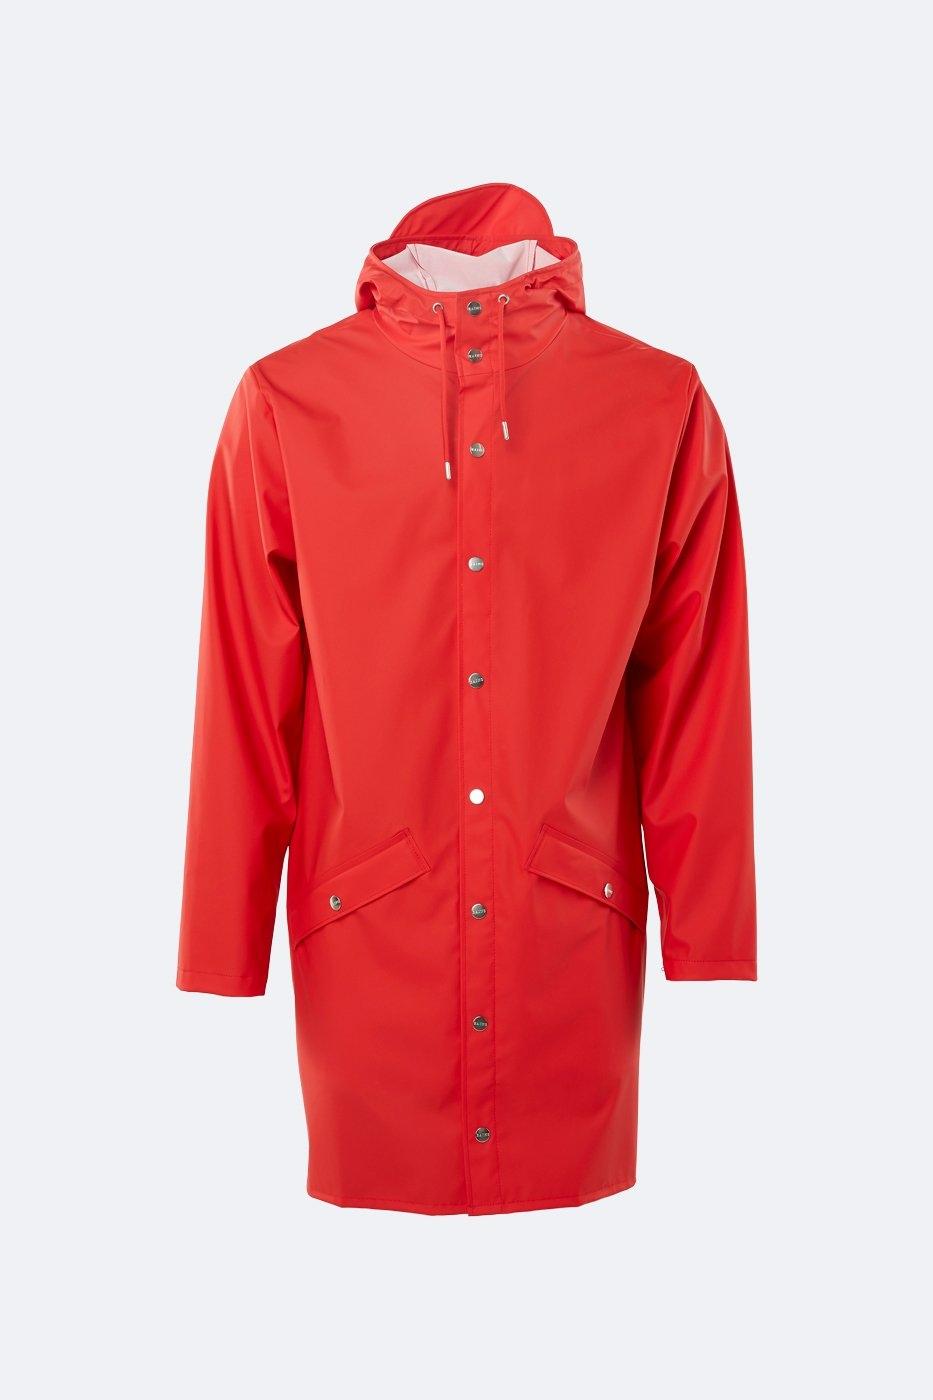 Rains  Long Jacket red unisex XS/S